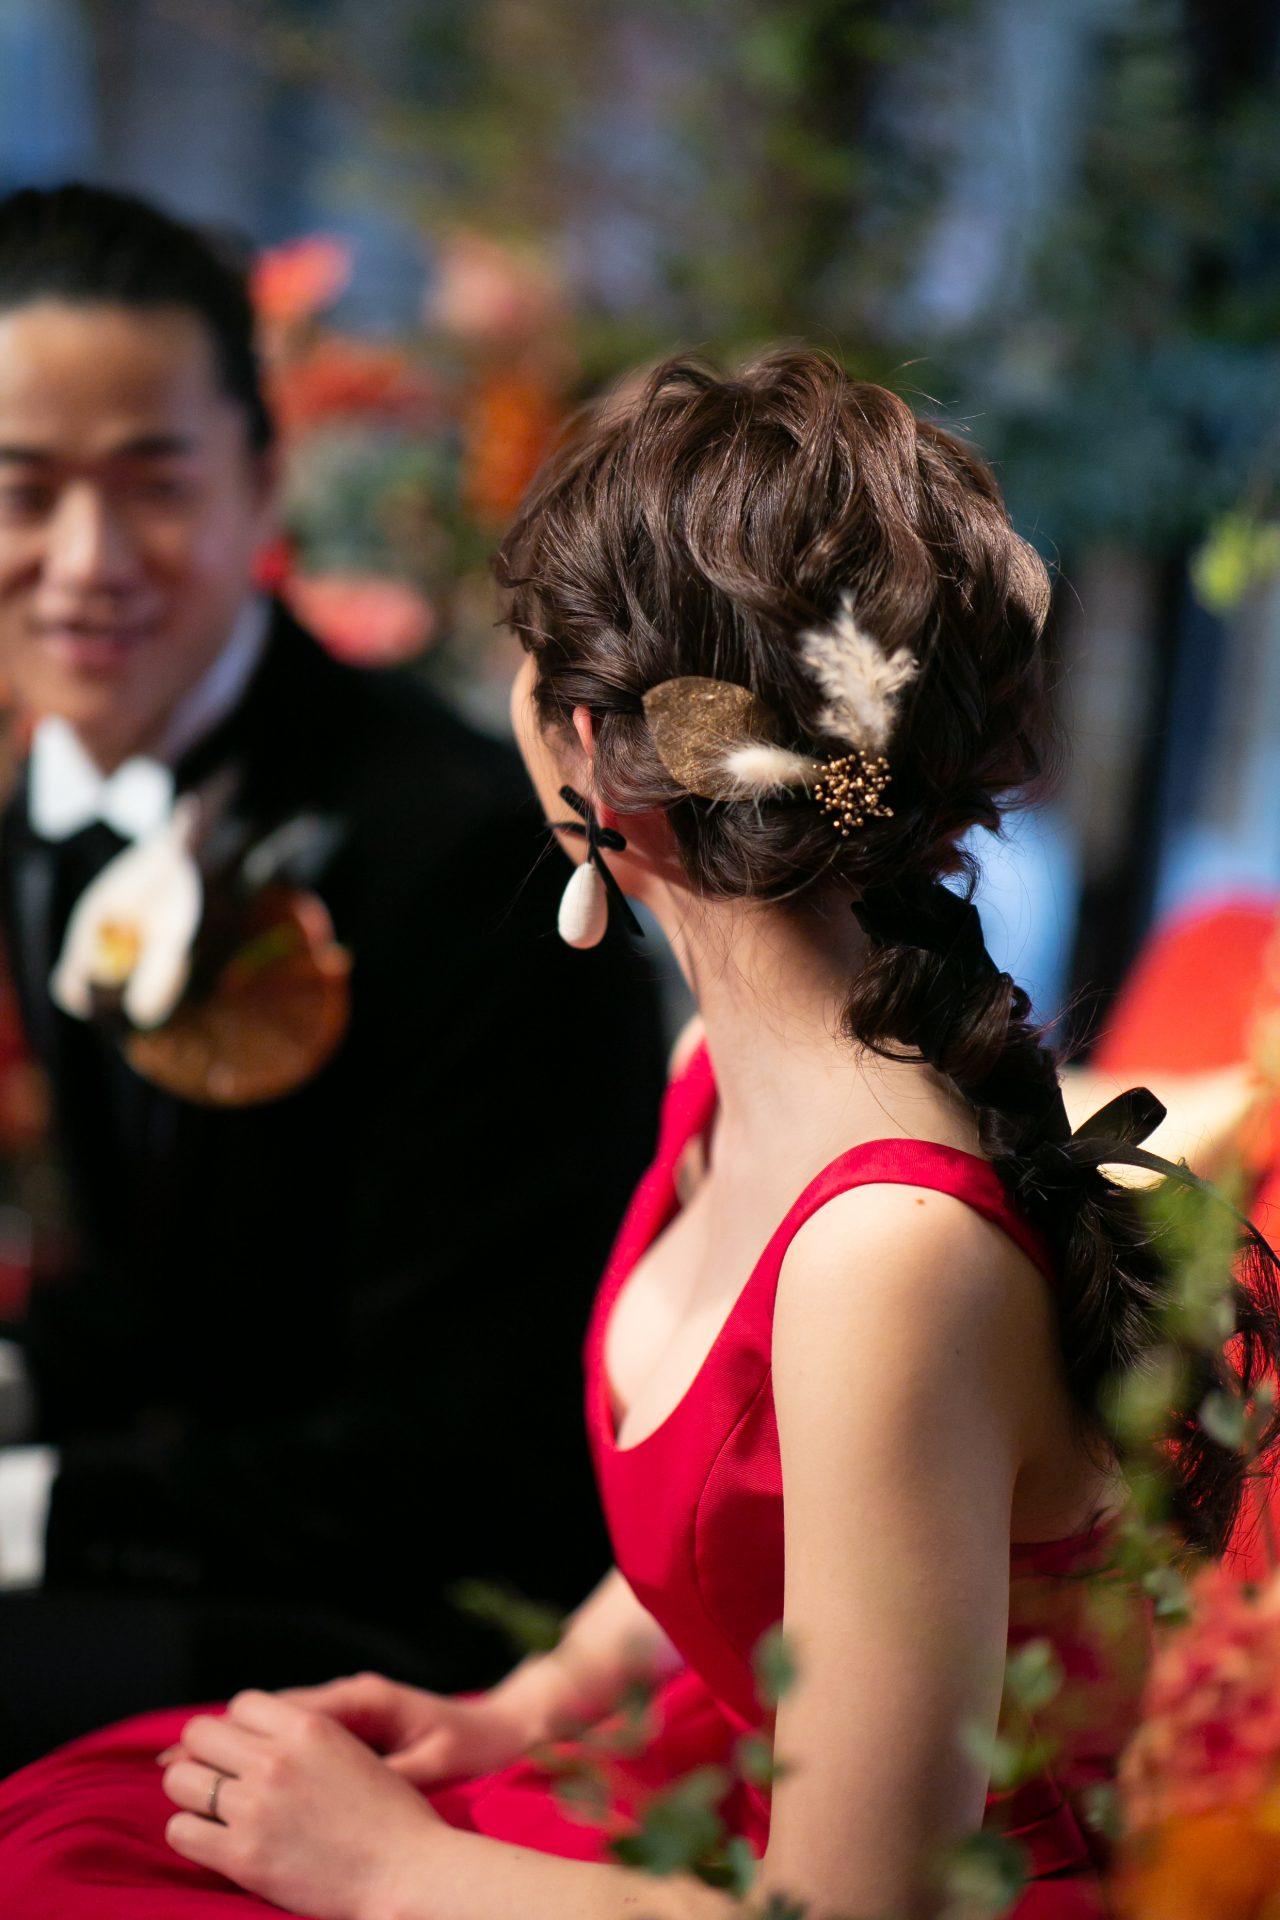 THE TREAT DRESSINGで選ぶお色直しのカラードレスにあわせ、ヘアスタイルやブーケも素敵なコーディネートをお楽しみください